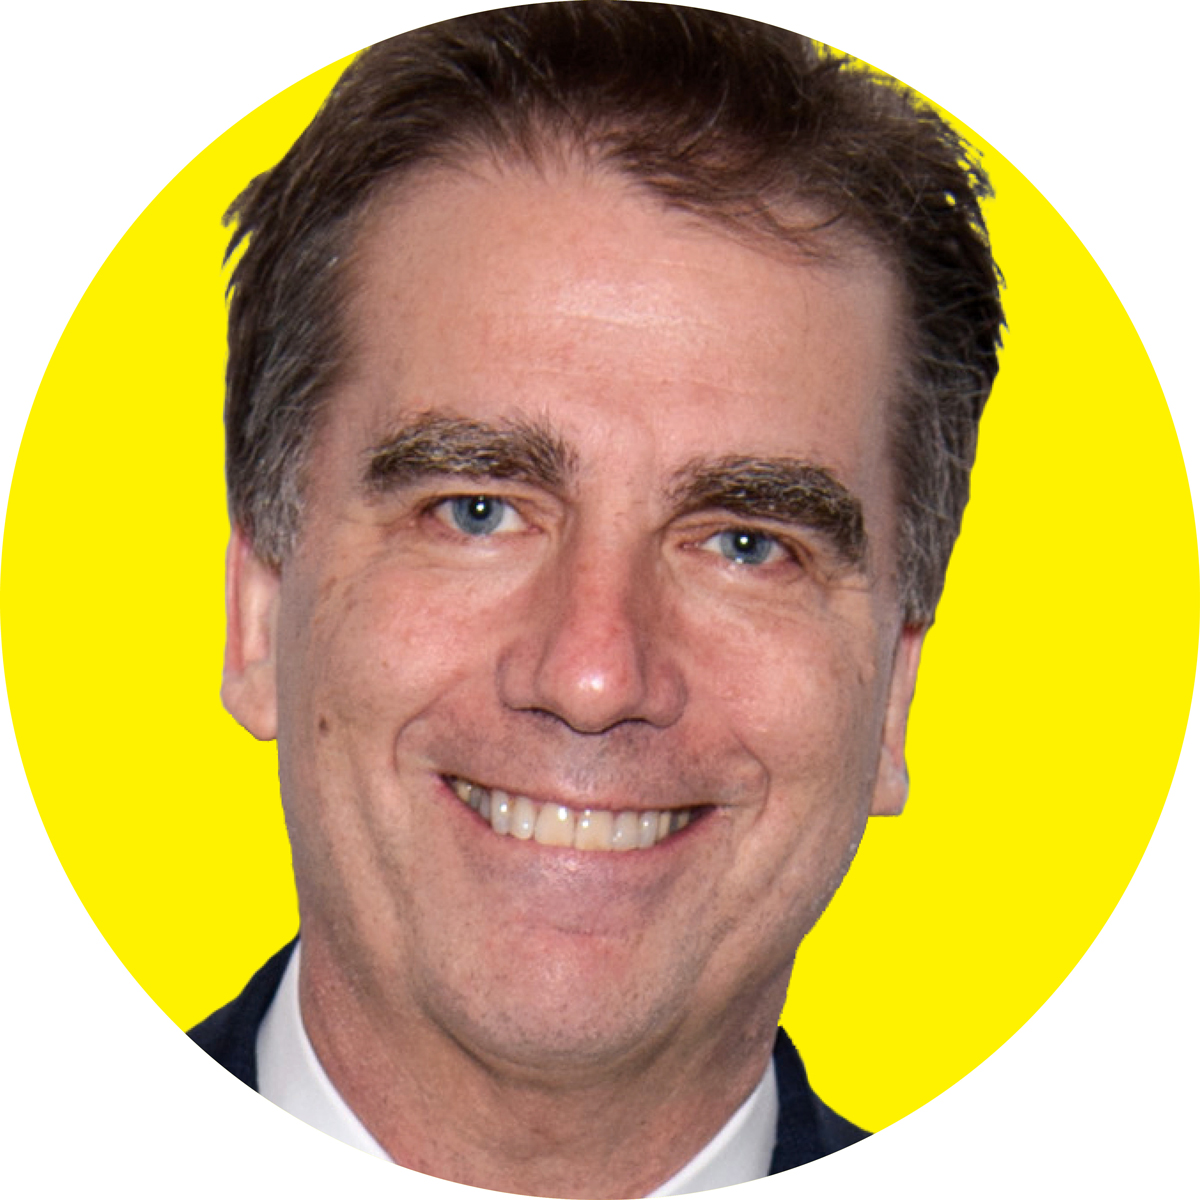 Robert McDuffie